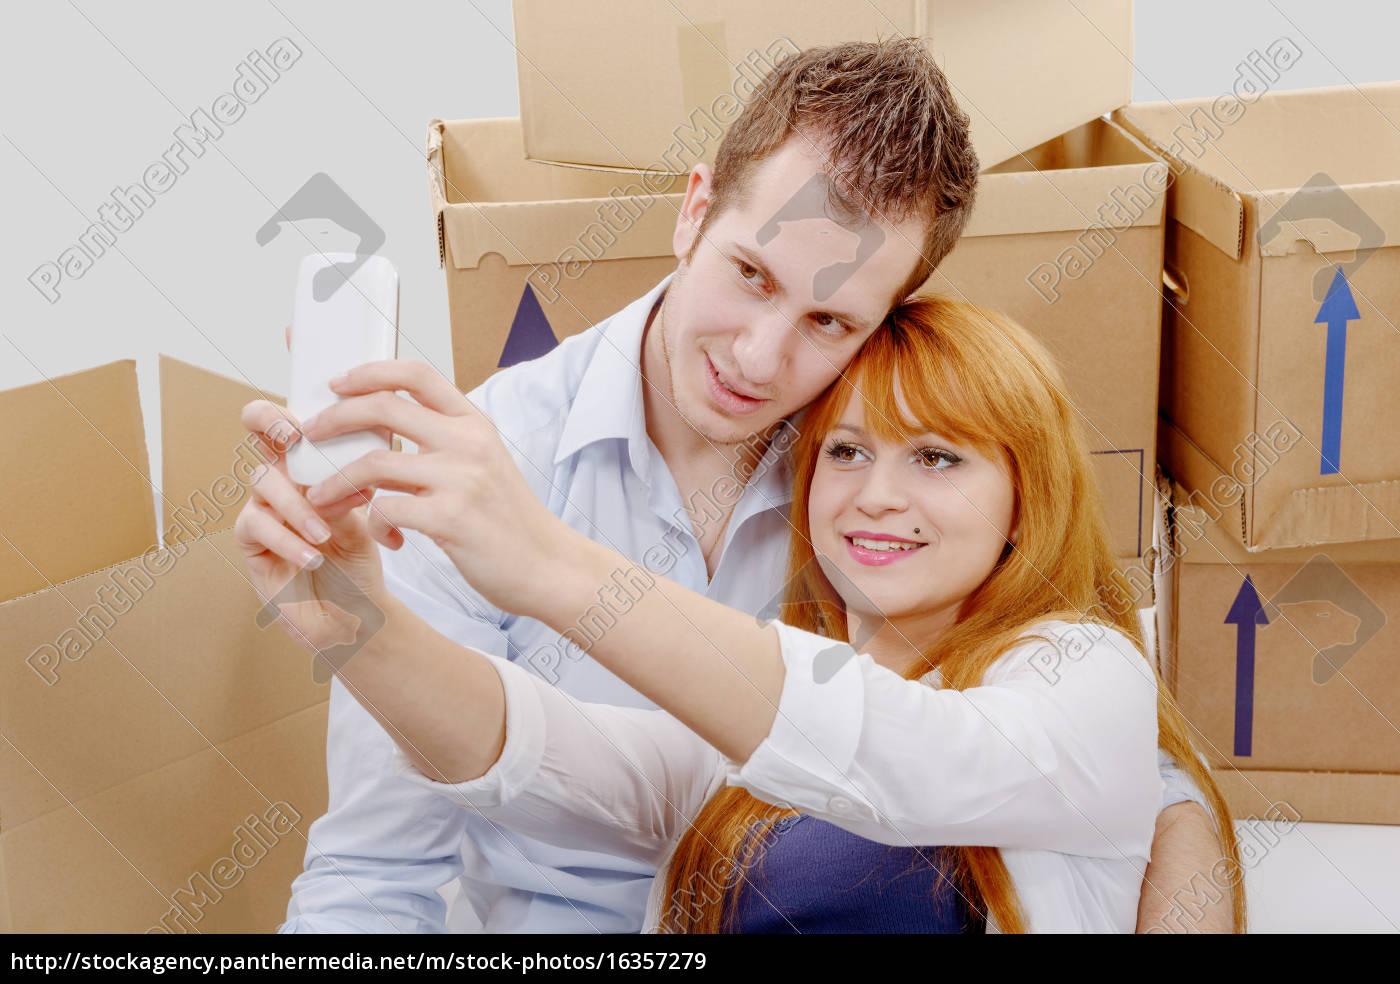 coppia, felice, seduto, sul, pavimento, prendendo - 16357279